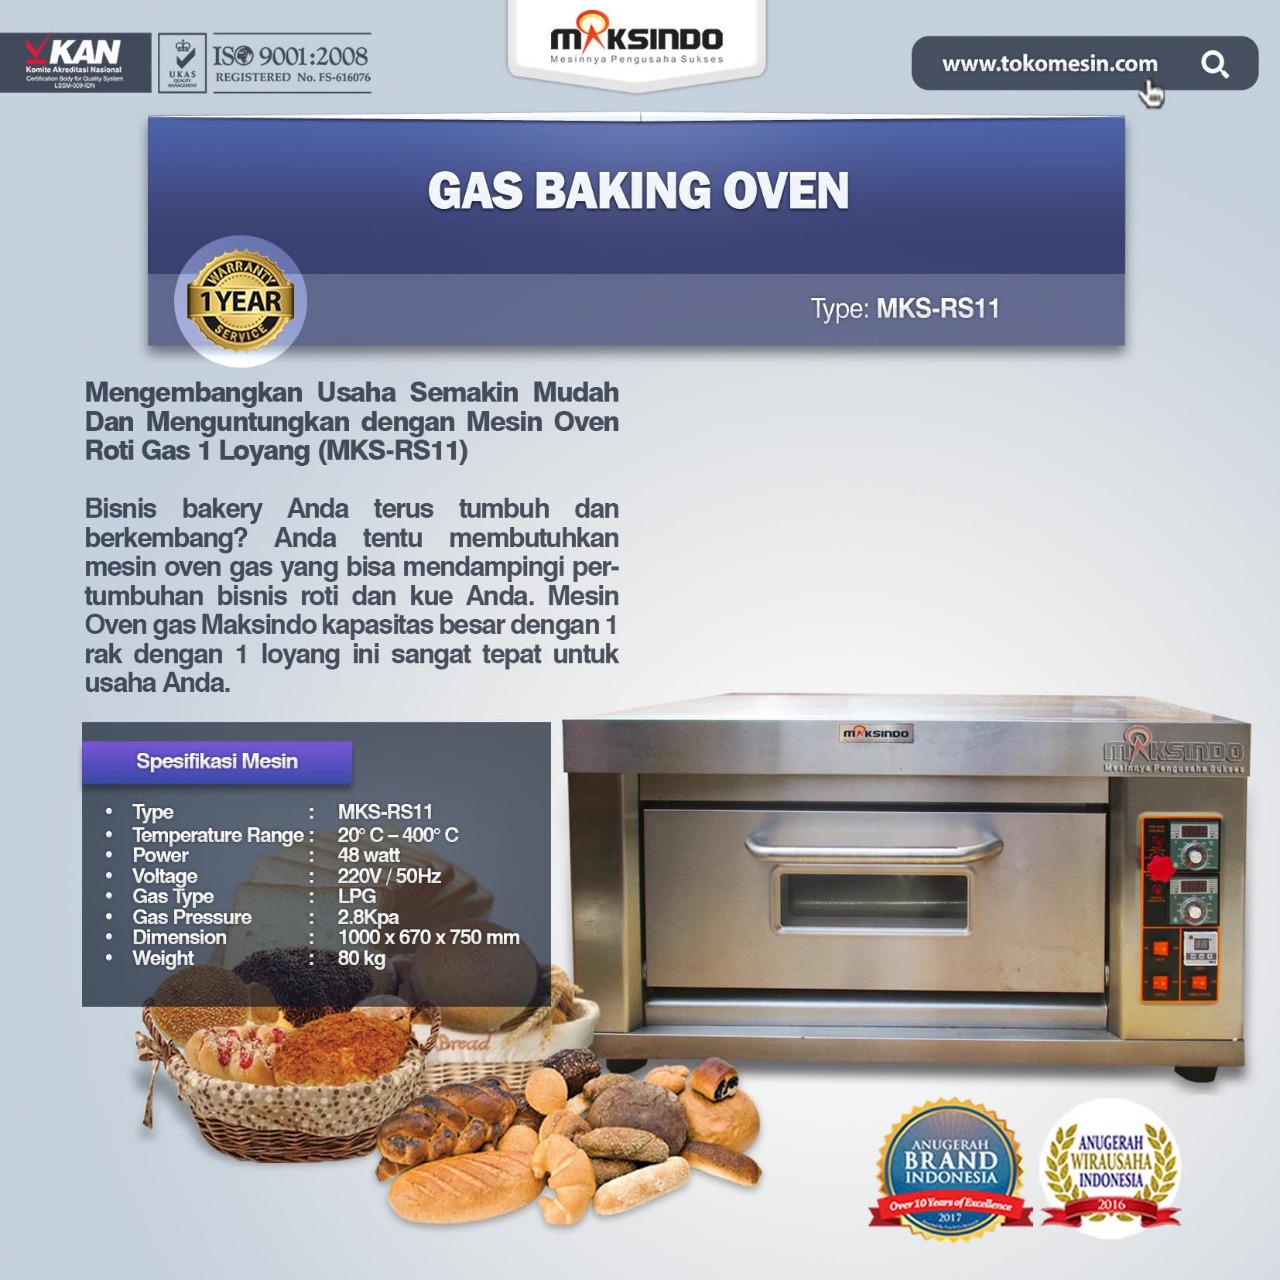 Jual Mesin Oven Roti Gas 1 Loyang (MKS-RS11) di Banjarmasin